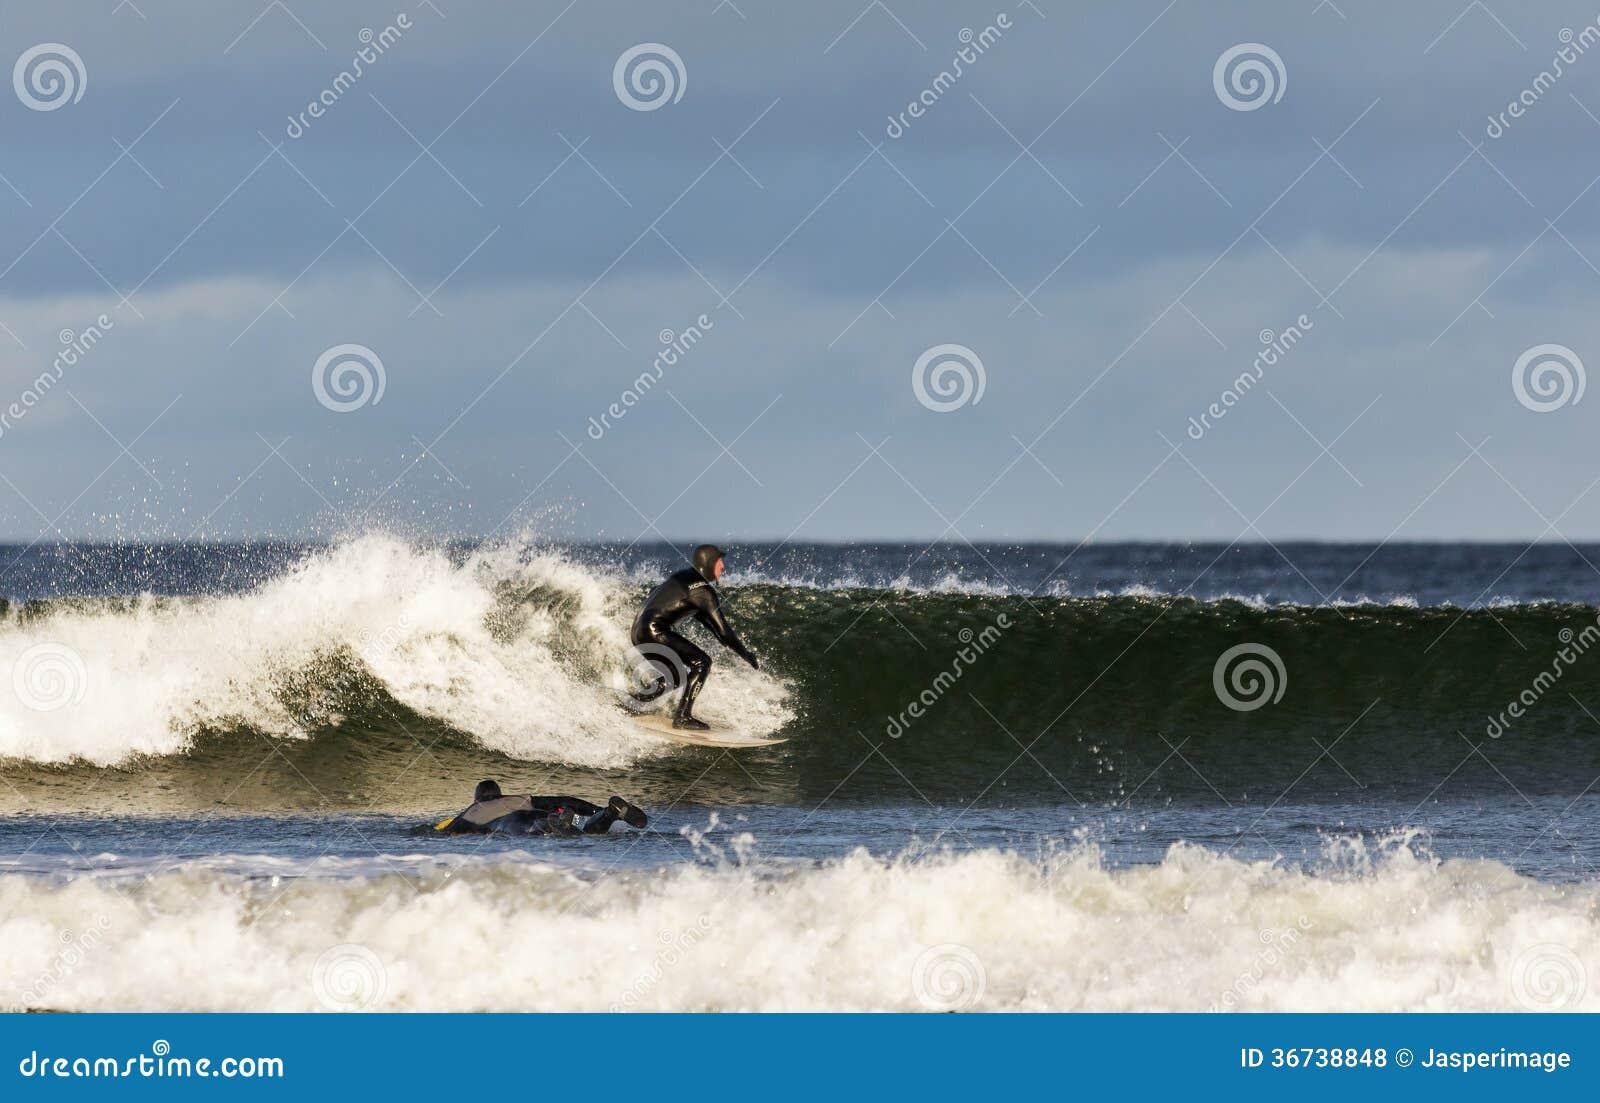 Surf è difficile